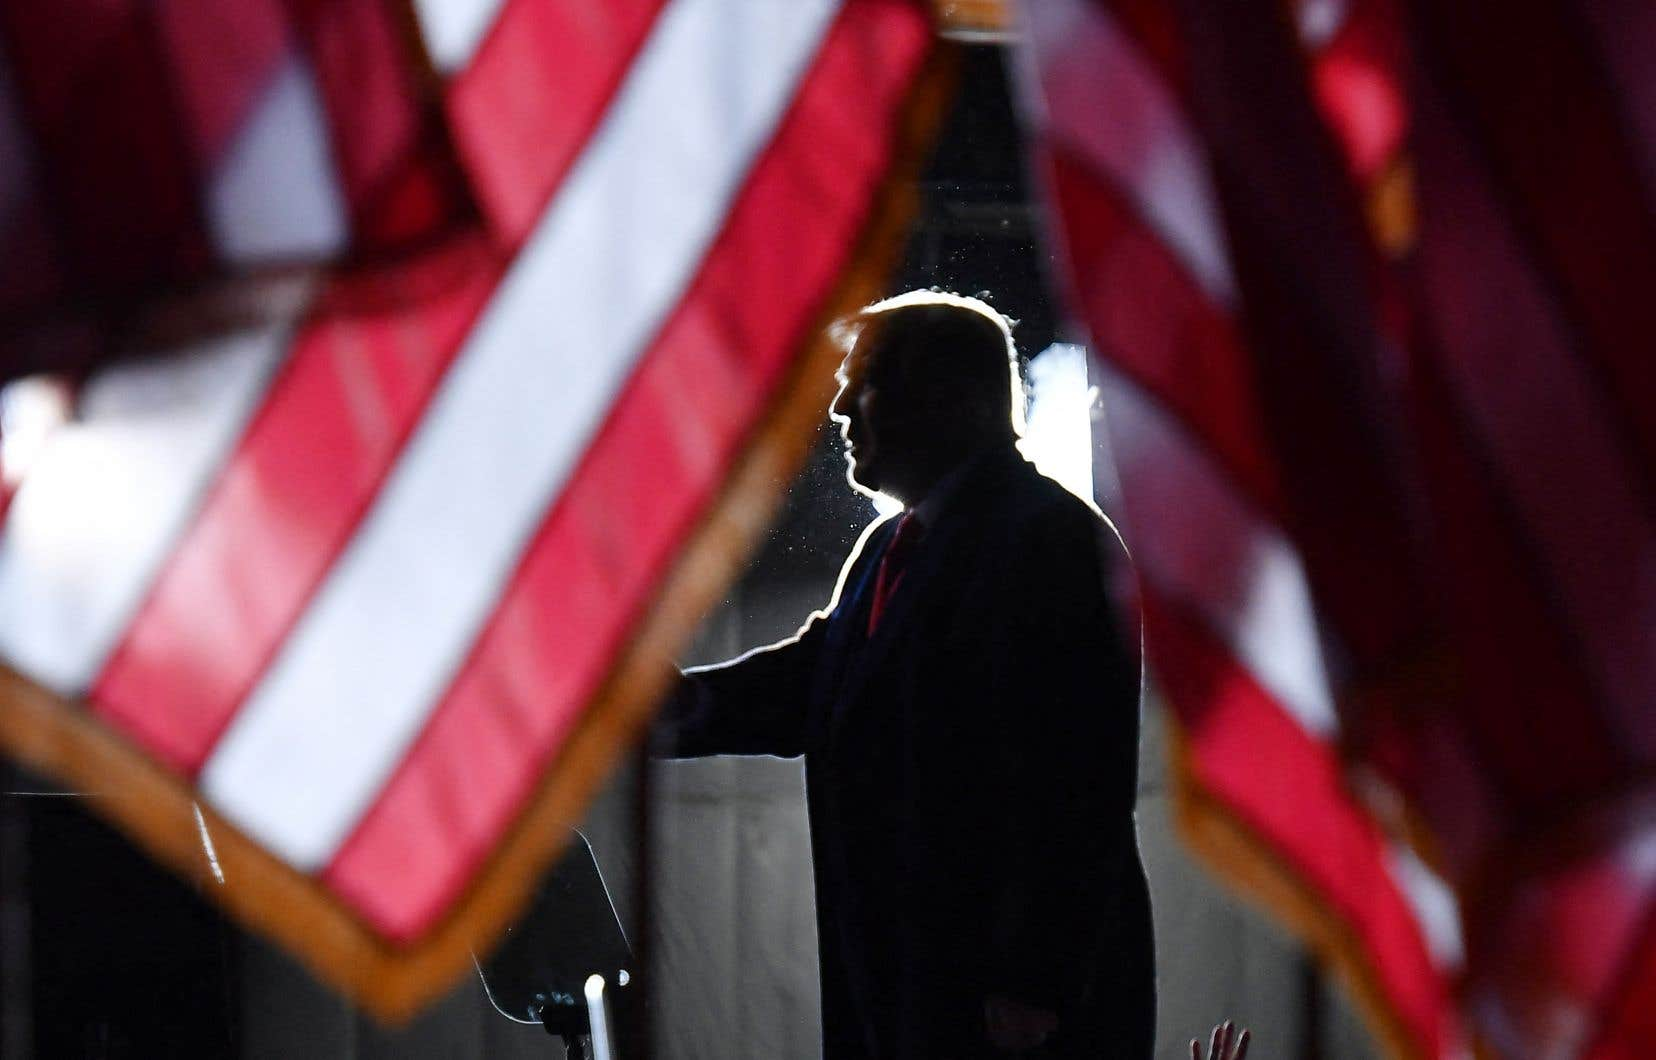 Donald Trump reste très populaire à droite et il est peu probable que 17 sénateurs républicains acceptent de voter avec les 50 sénateurs démocrates pour former la majorité nécessaire à sa condamnation.